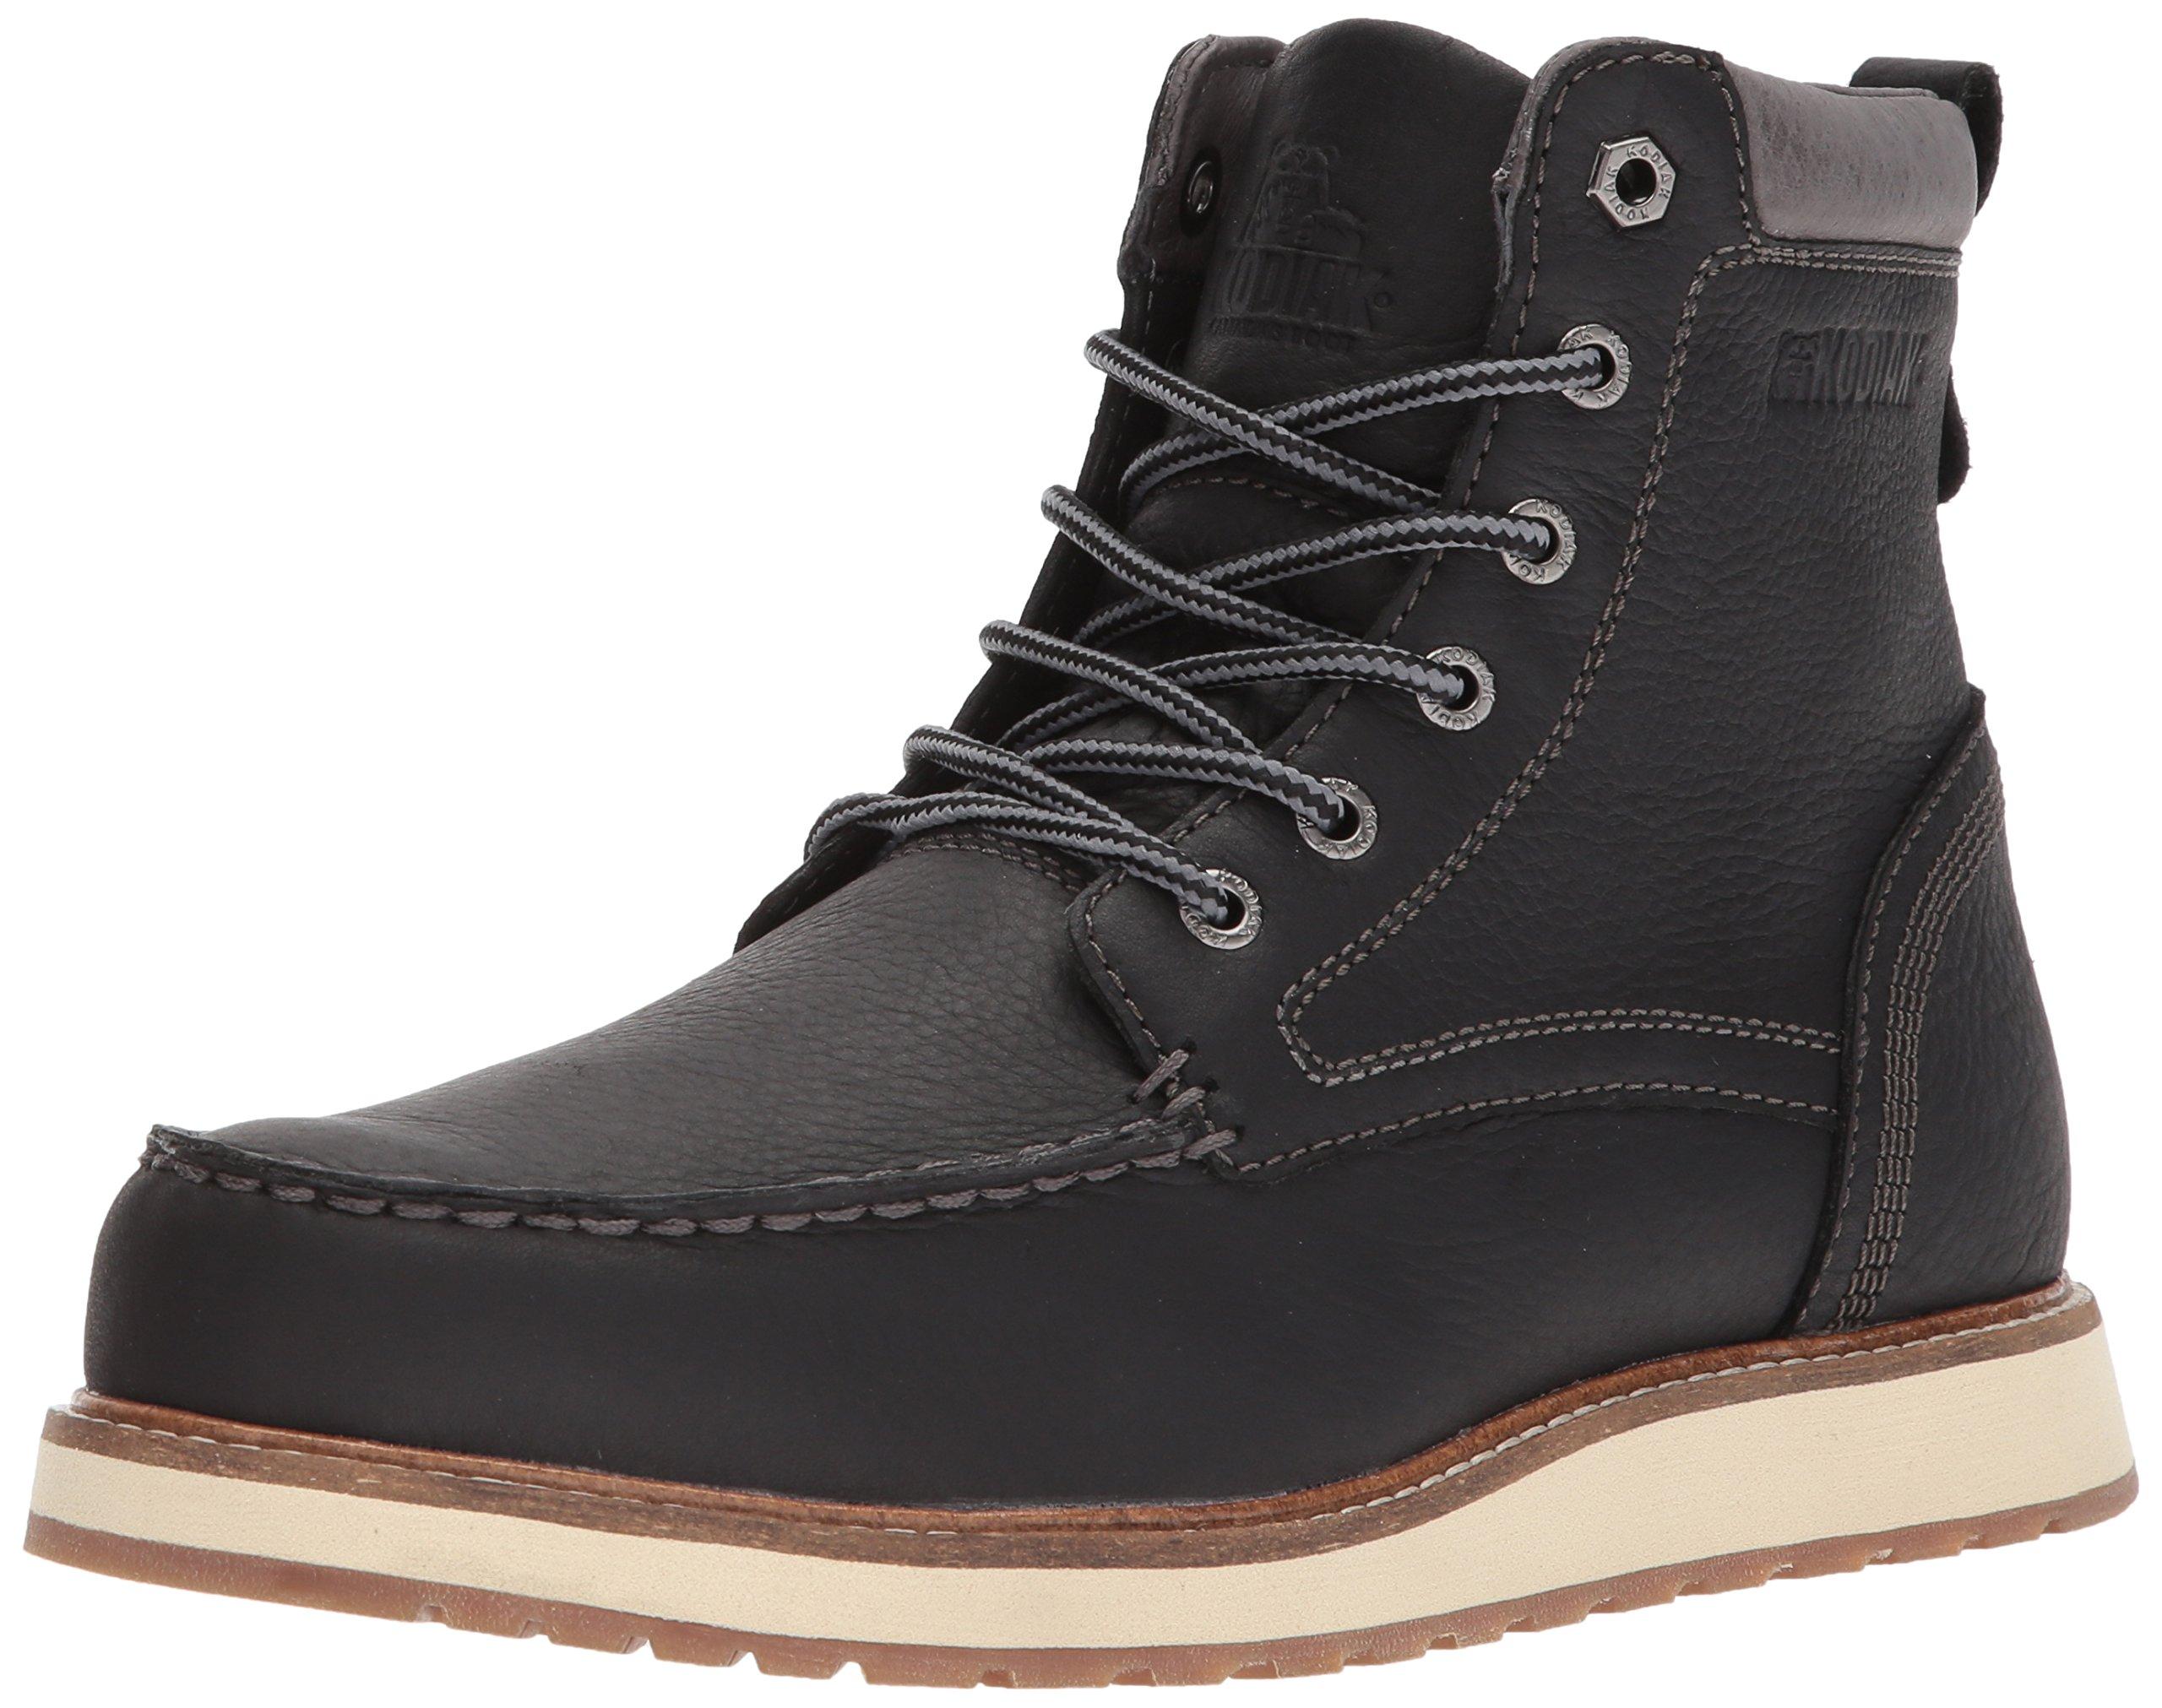 Kodiak Men's Zane Chukka Boot, Black, 12 M US